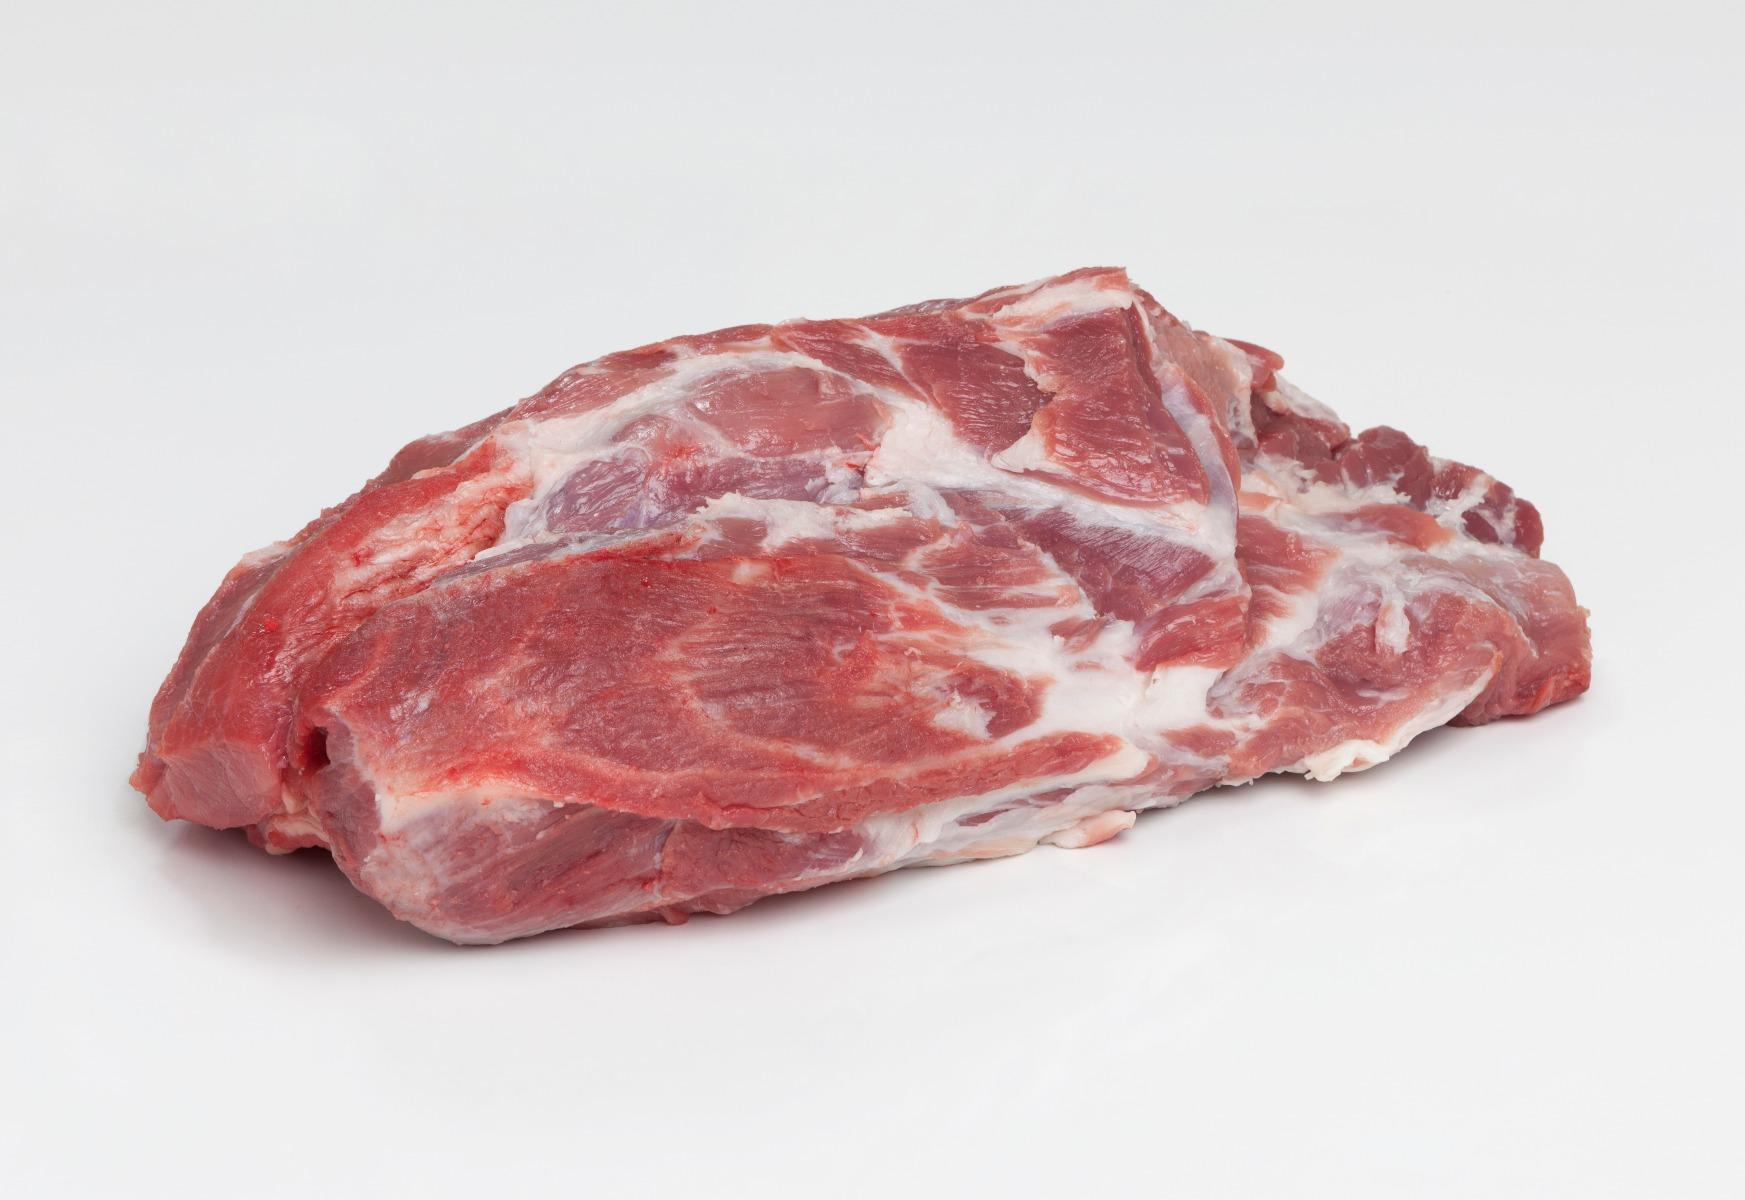 Χοιρινοί λαιμοί Ισπανίας χωρίς δέρμα και οστό 13,6kg